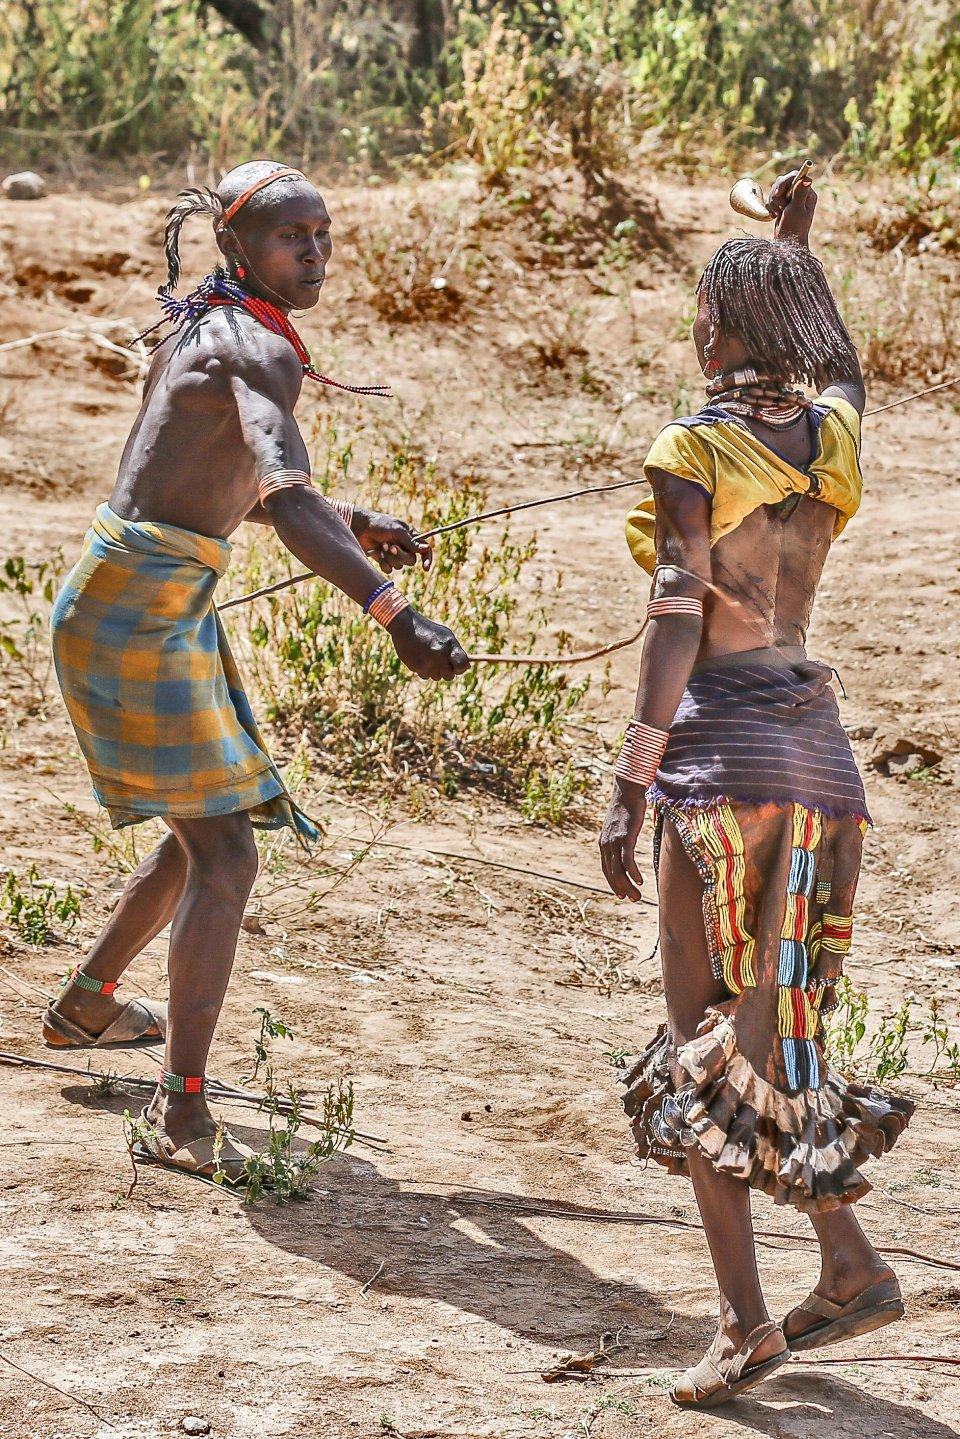 Hamar-vrouw tijdens bull jump ceremonie, Ethiopië